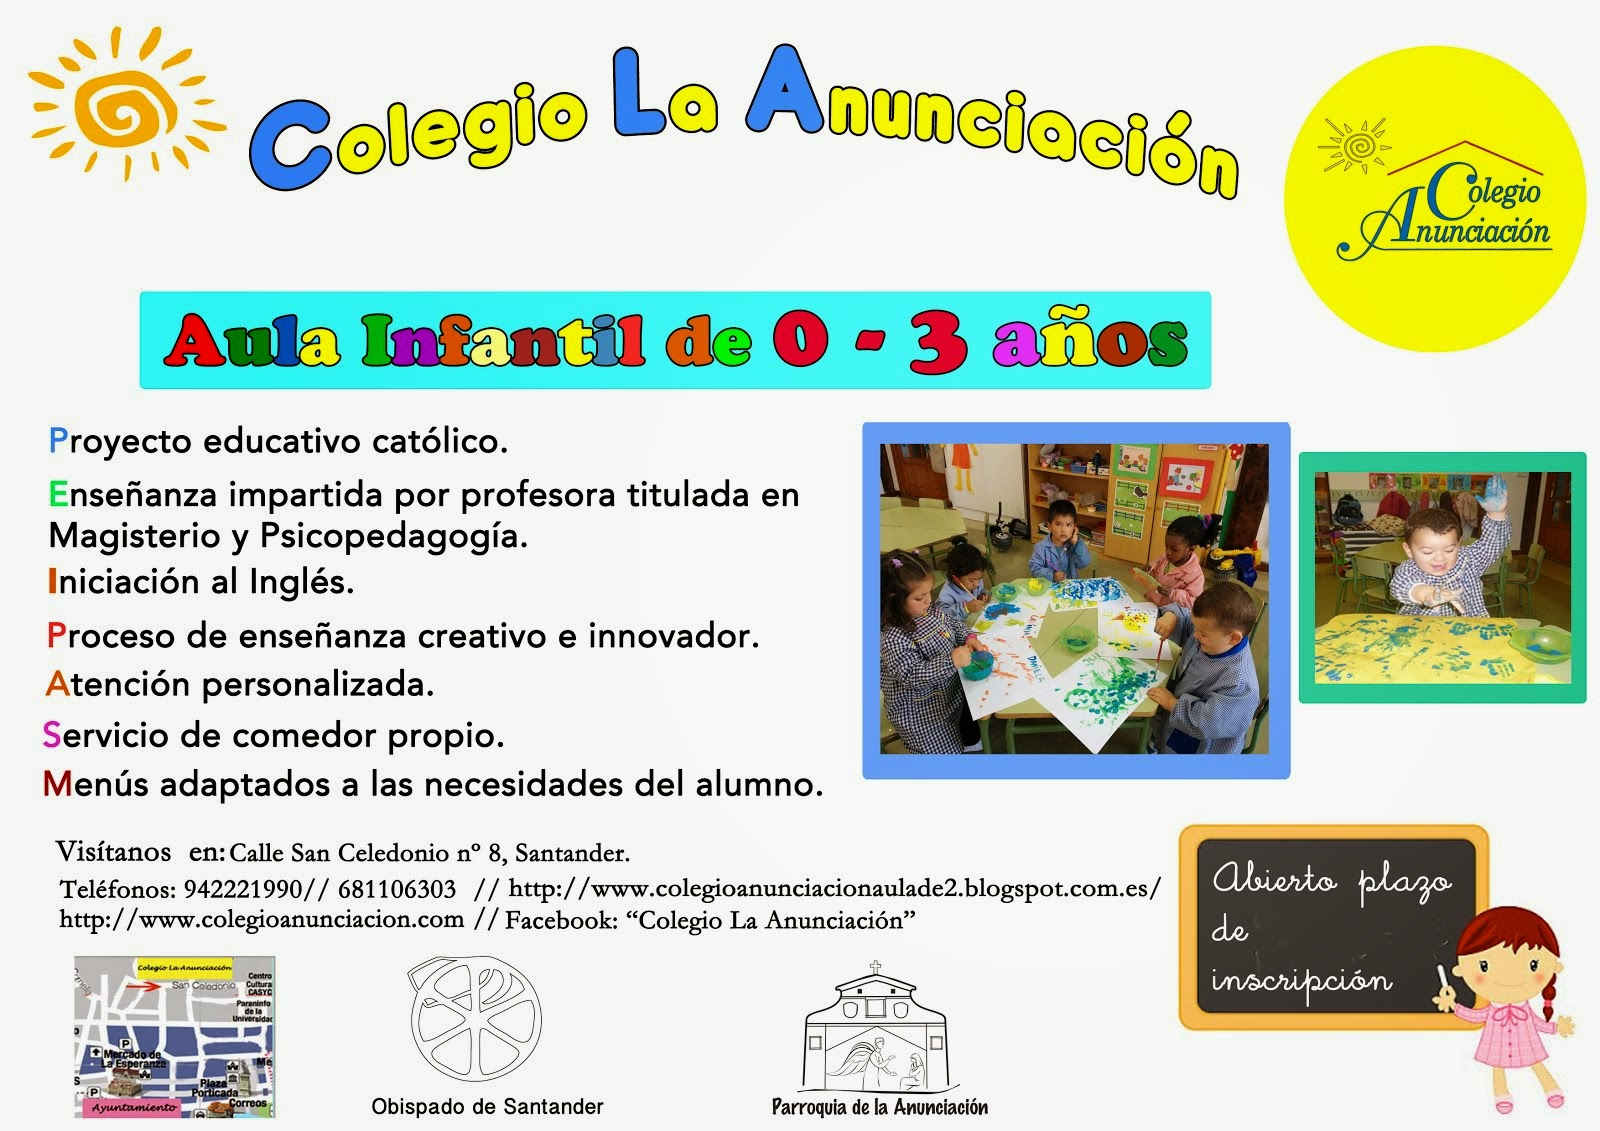 Contamos con un aula de Primer Ciclo de Infantil (0-3 años).